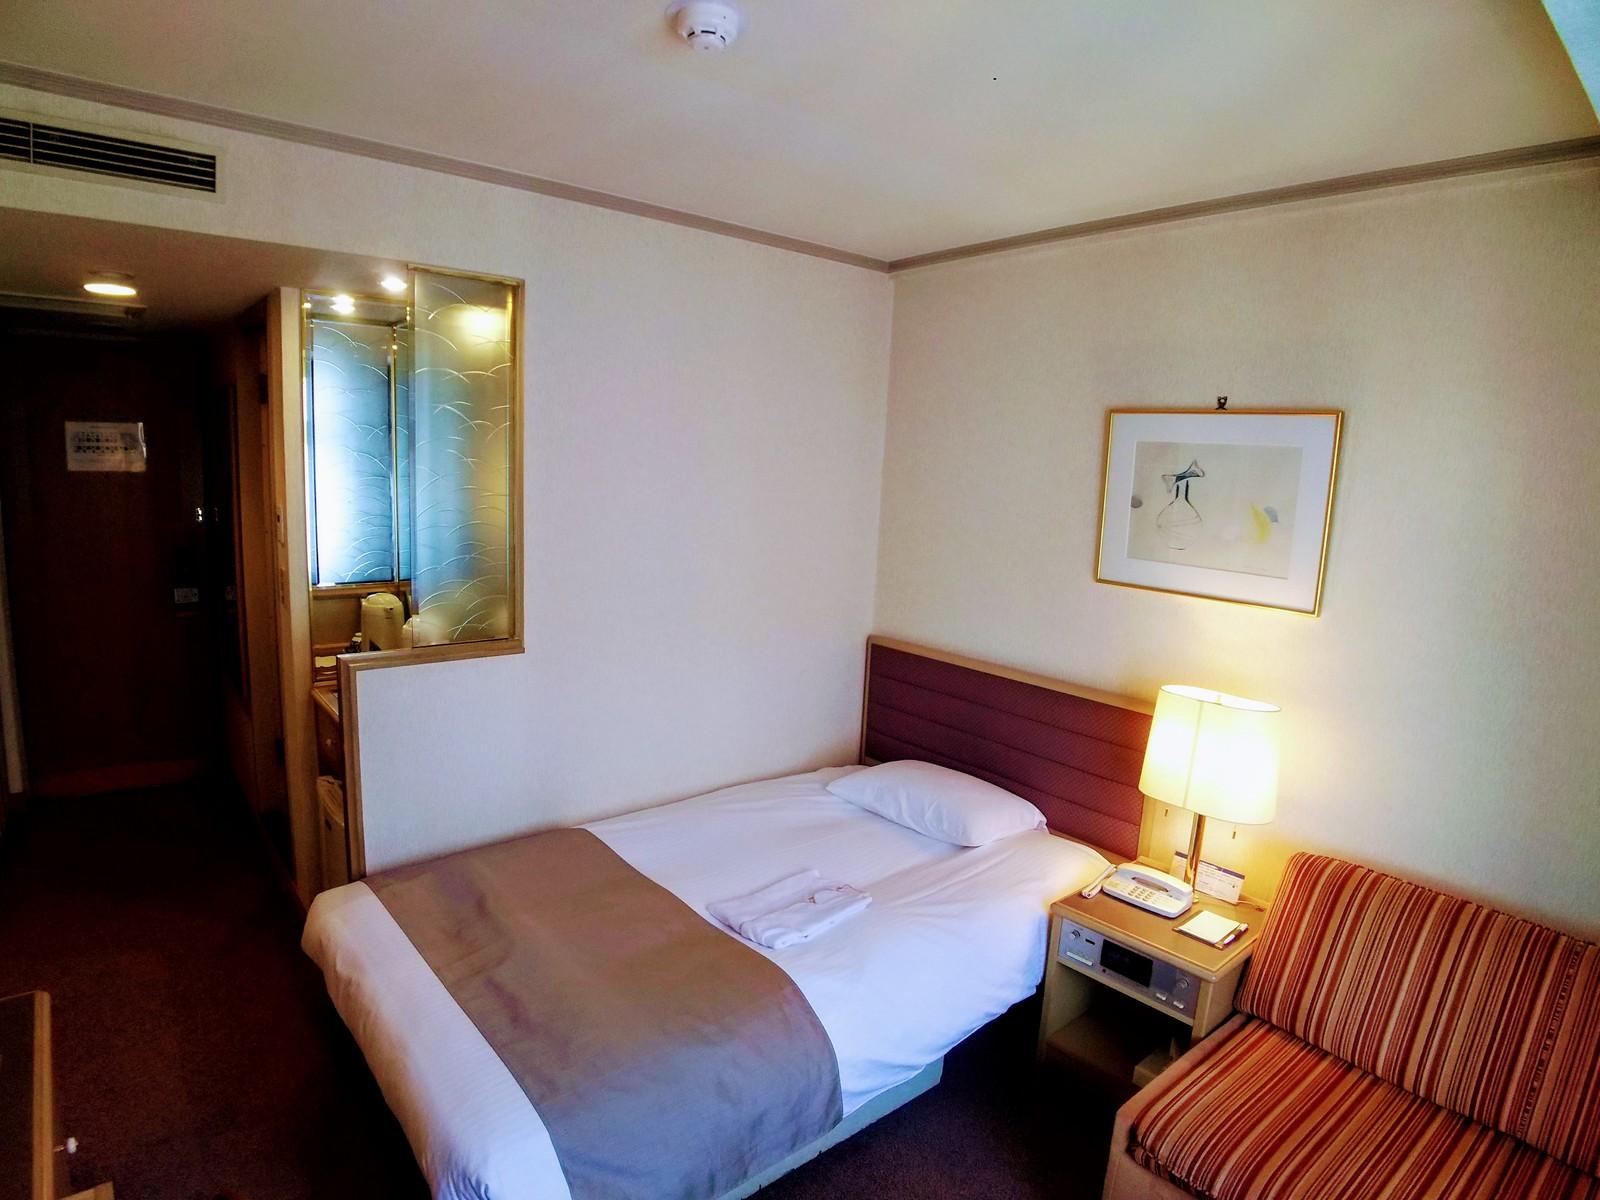 東京グランドホテル / PKG#フライト&ステイ 朝食付